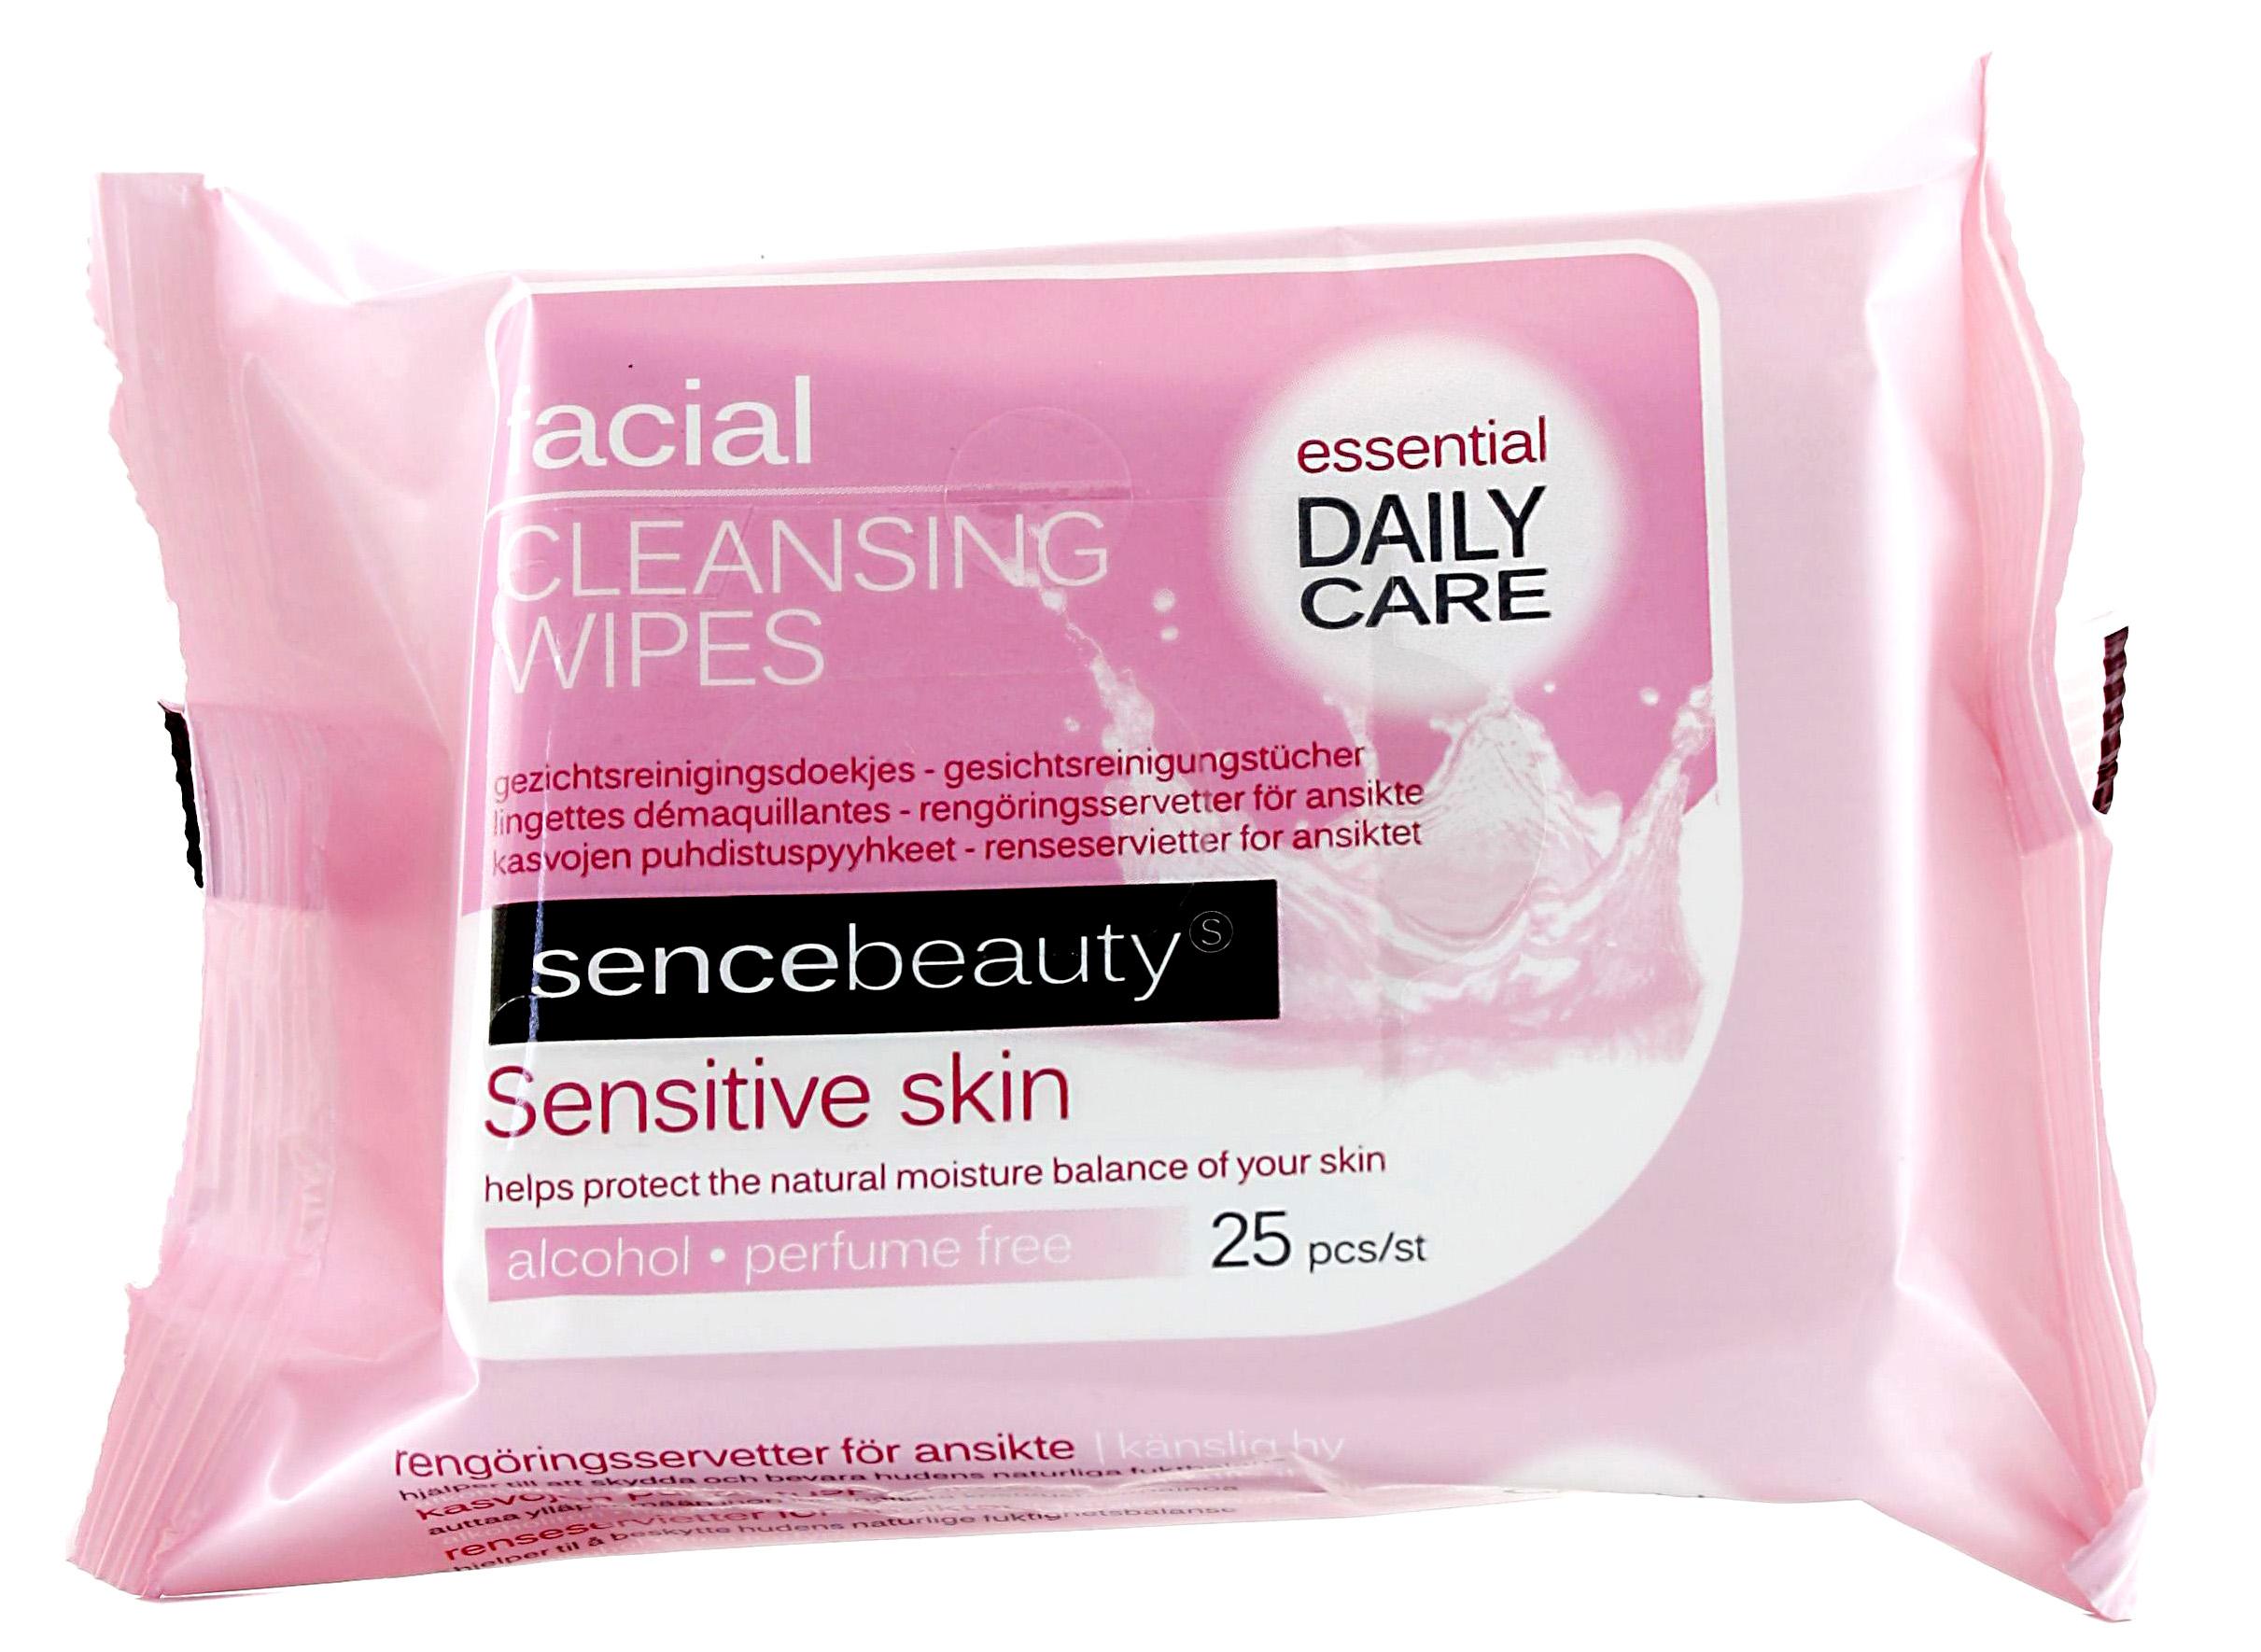 00639 - sence beauty Gesichtsreinigungstücher 25er, alkohol- & parfümfrei